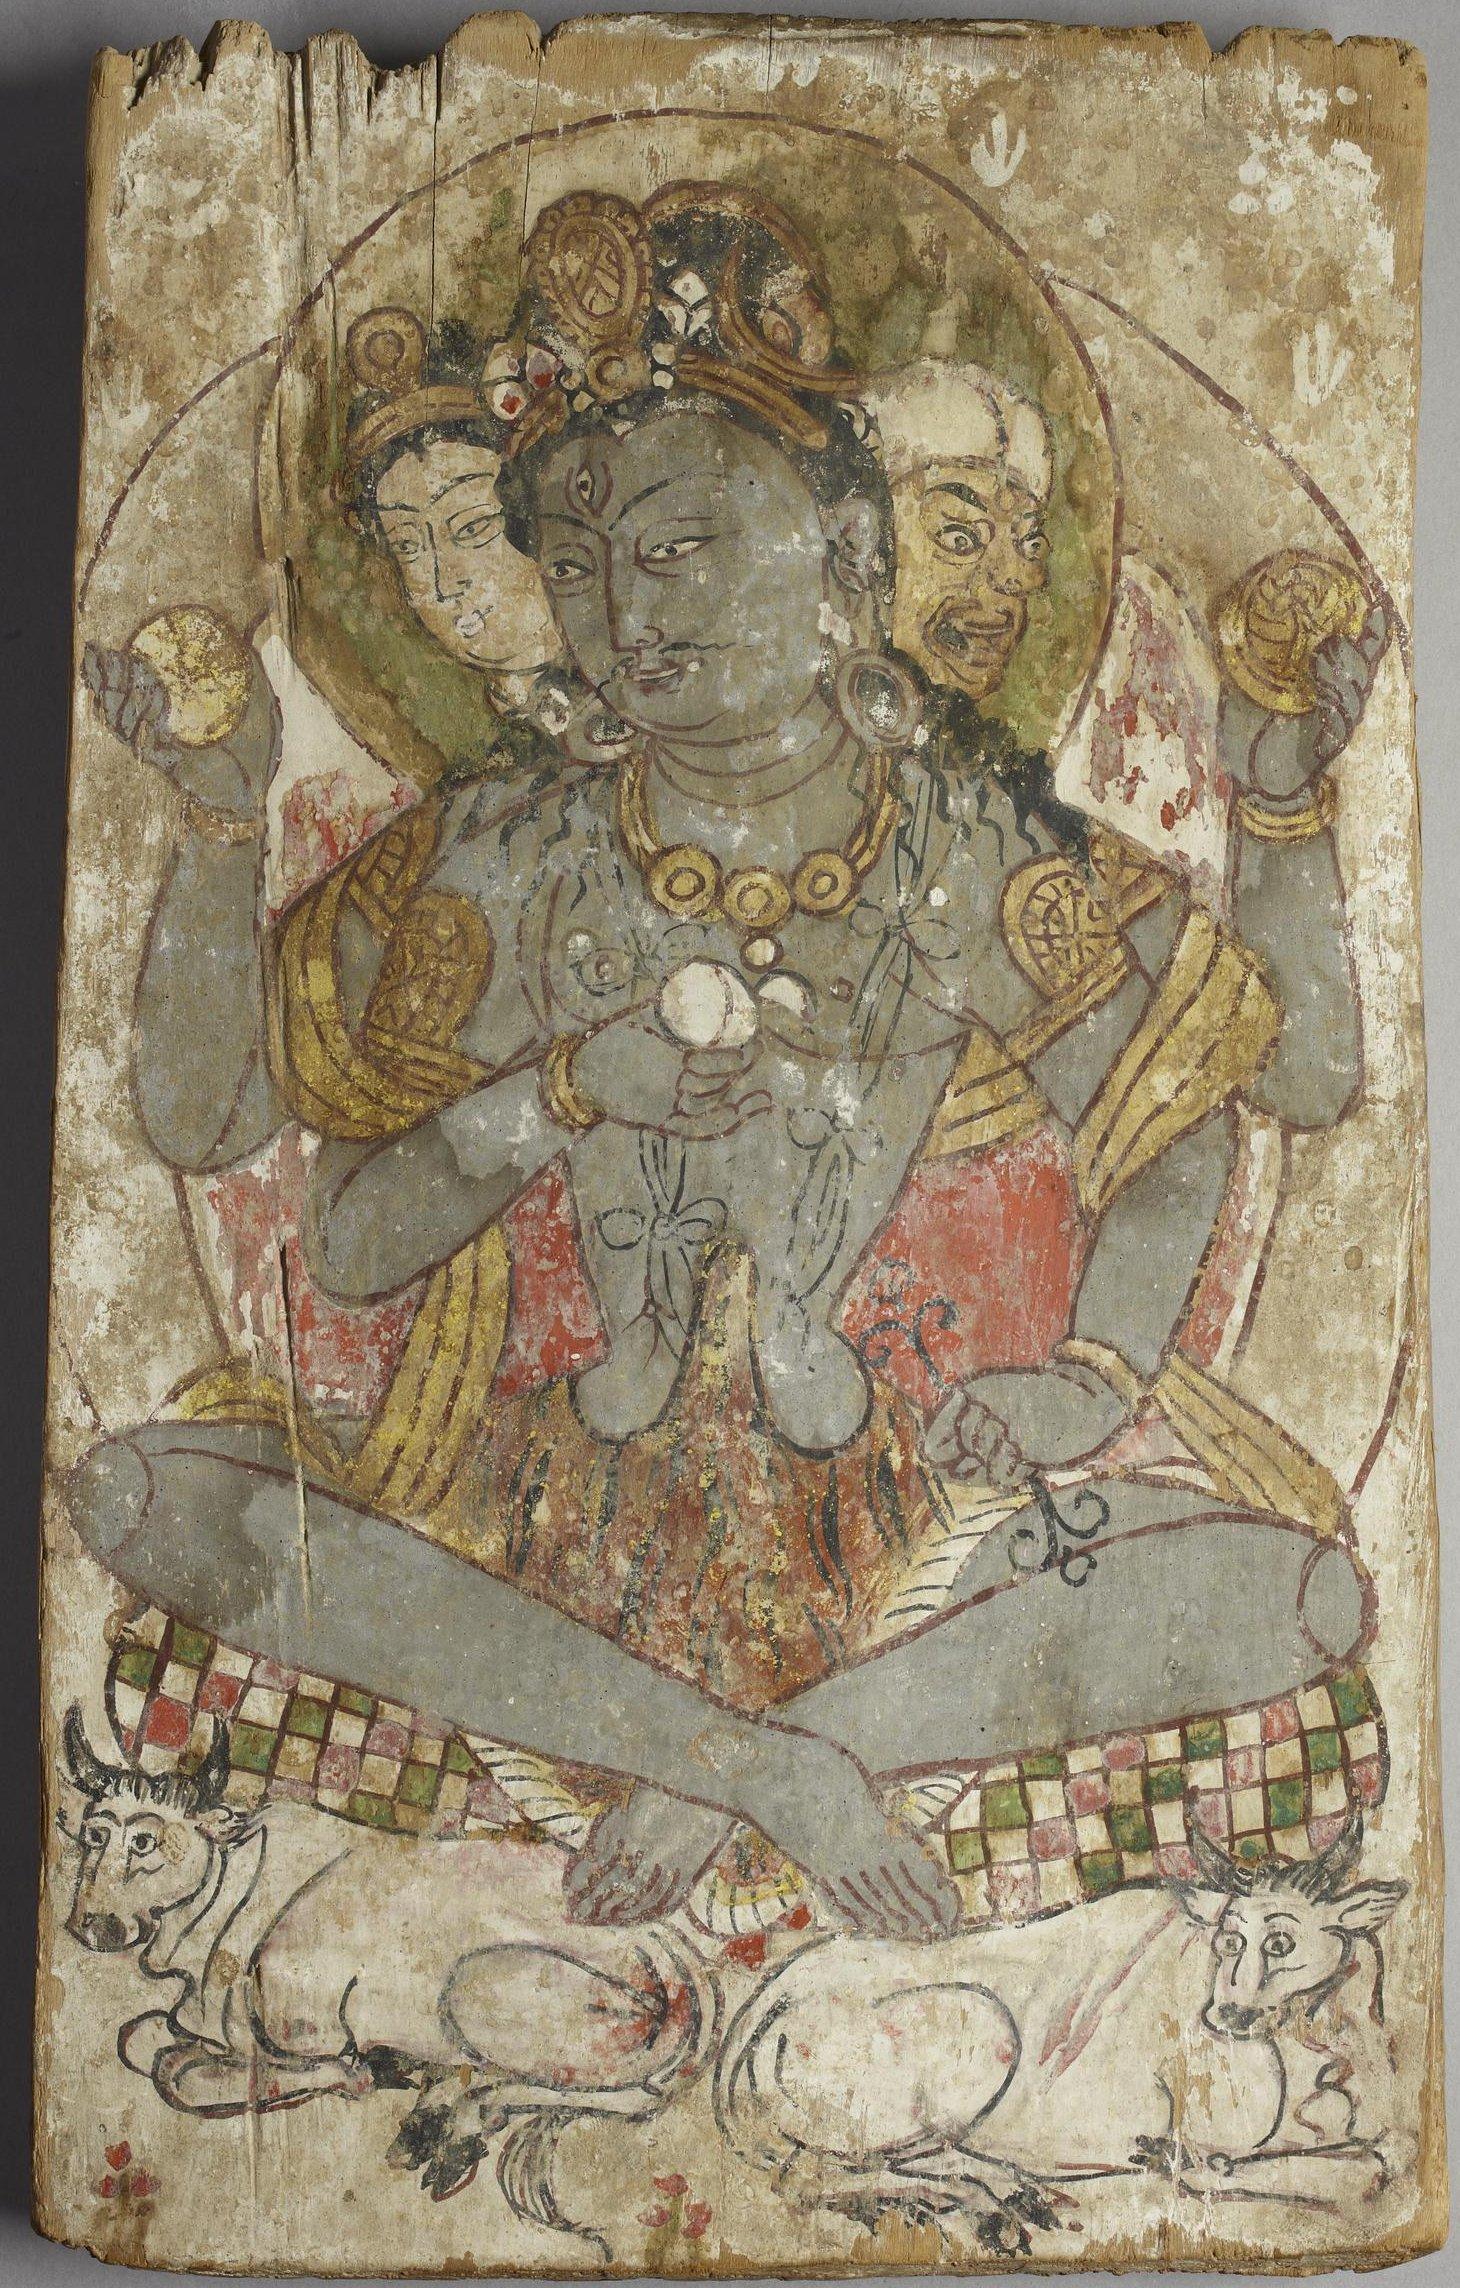 13. Шива в образе Махешвары. Дандан-Ойлык, Хотан, 7-8 в. Британский музей